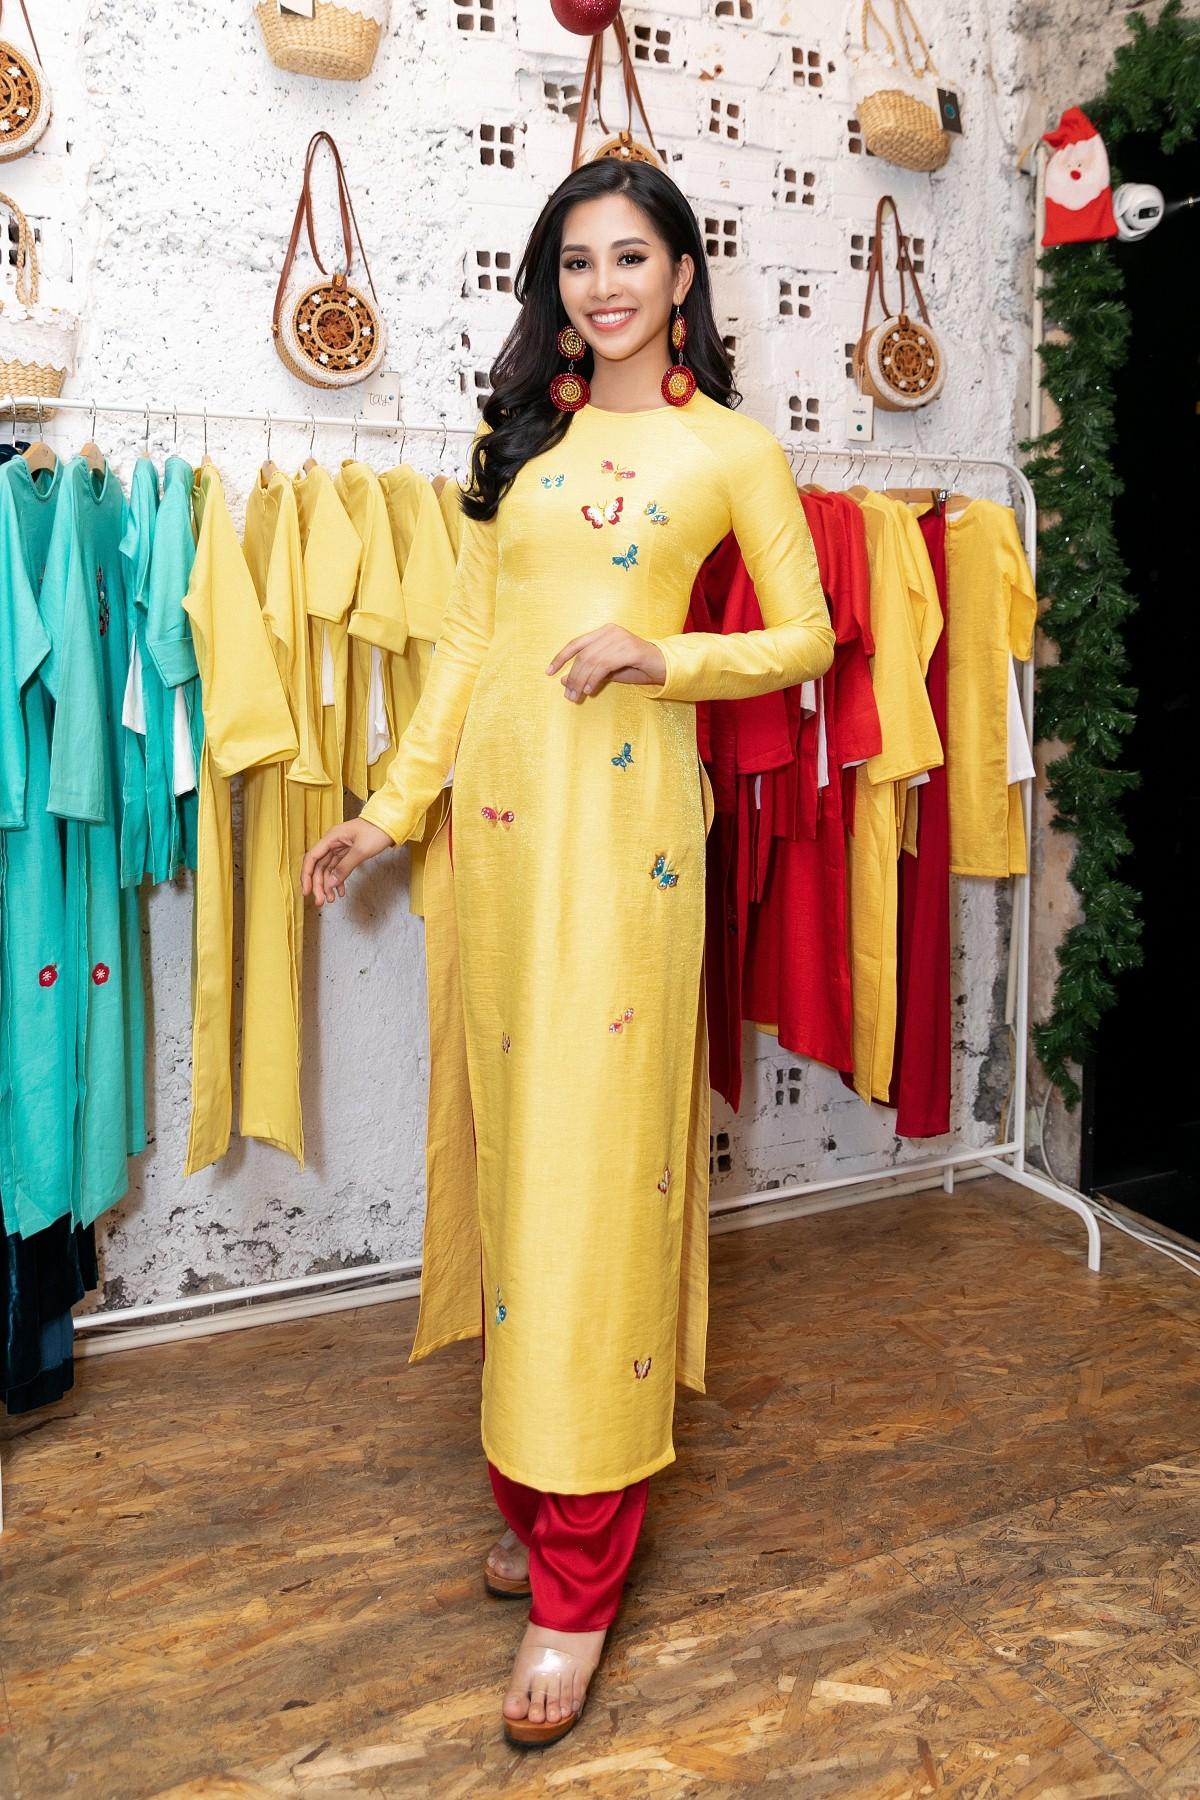 Vừa trở về từ Miss World 2018, Hoa hậu Tiểu Vy đã khoe nhan sắc rạng ngời với đầm body gợi cảm - Ảnh 6